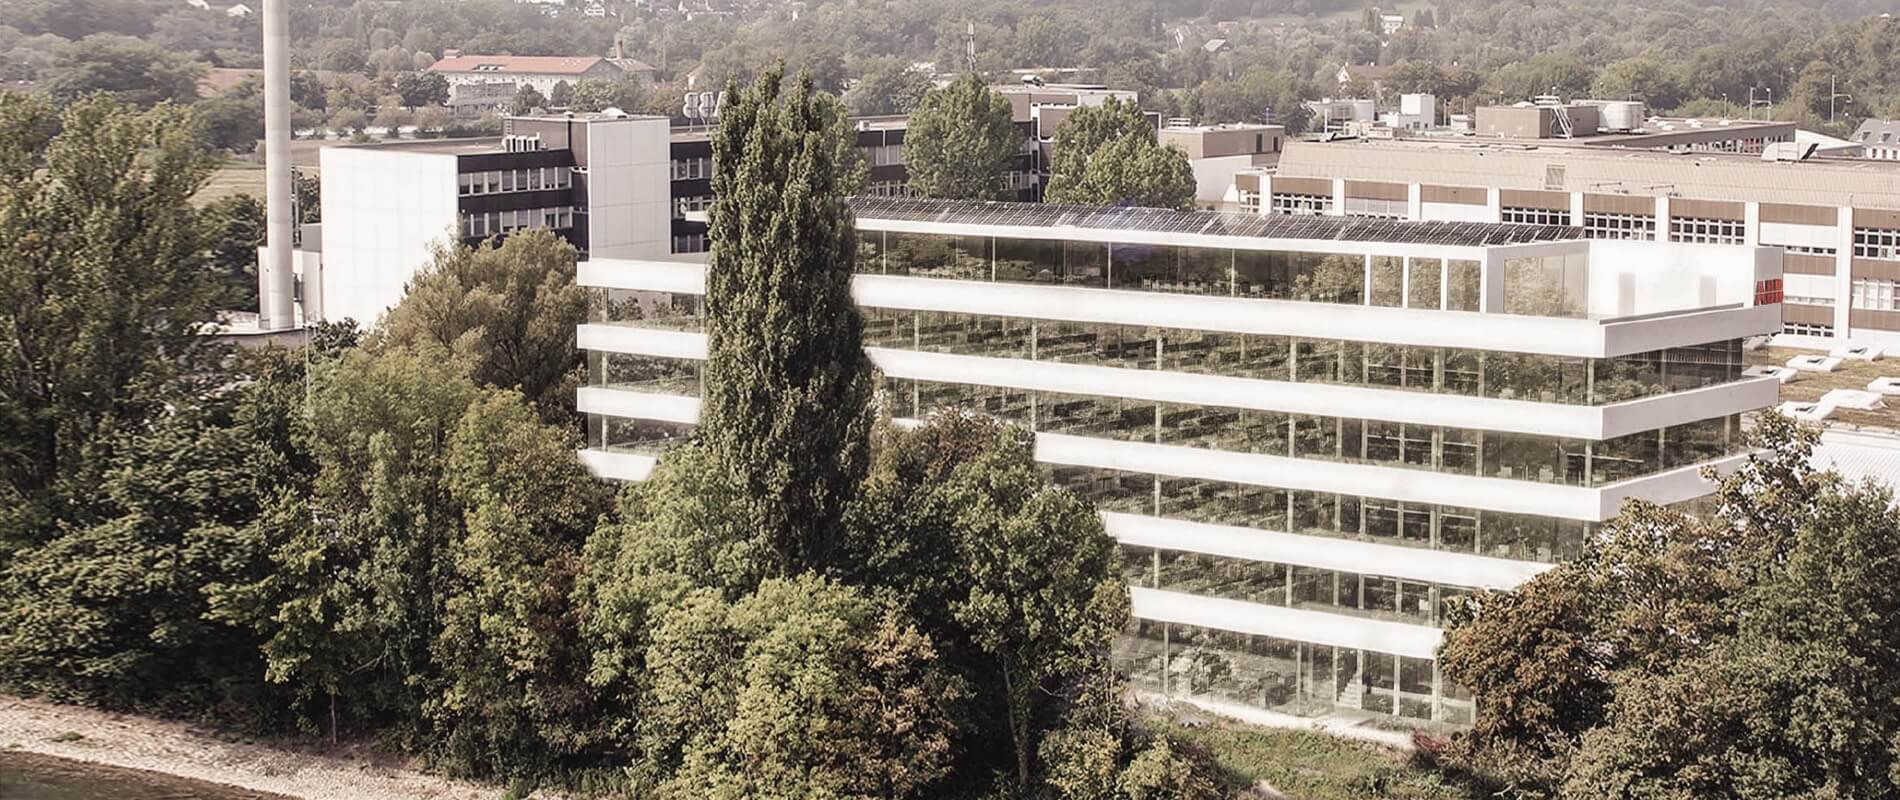 ABB Immobilien AG / Referenz / Ettinger Partner  AG